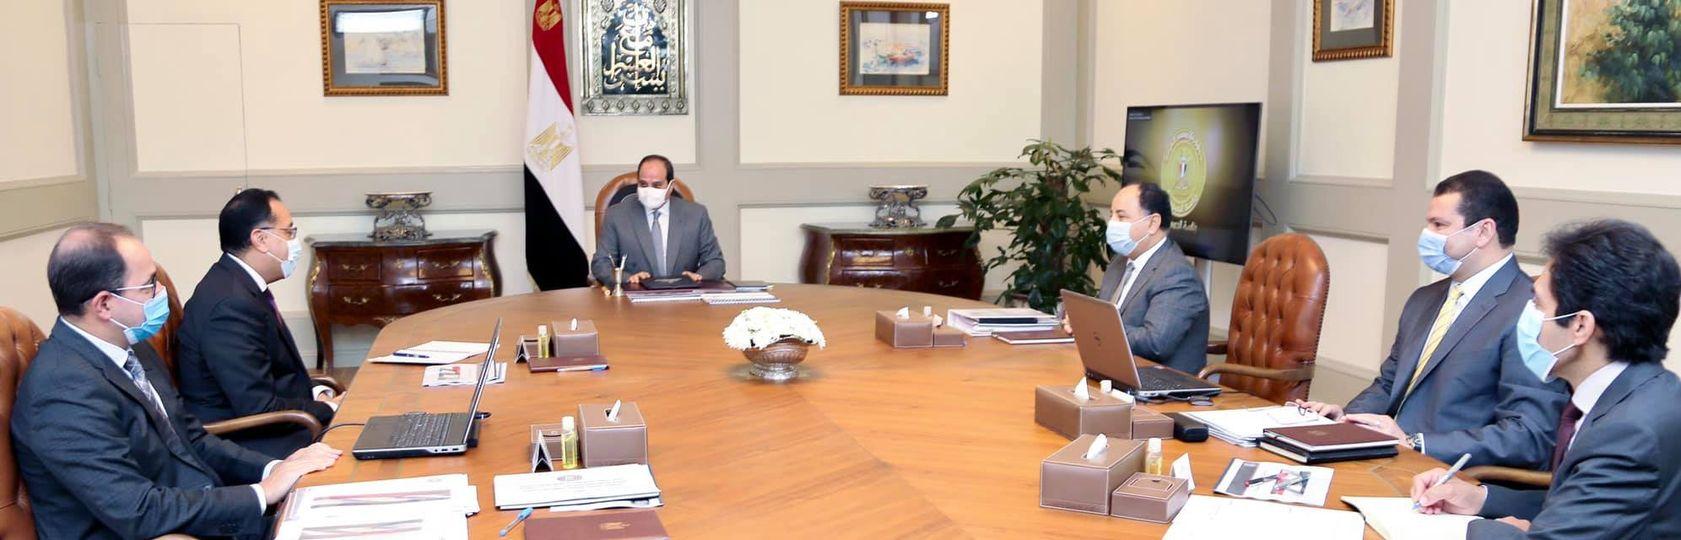 السيد الرئيس يوجه بتكامل جهود جميع الجهات المعنية بالدولة وبالاستعانة بالخبرات الأجنبية المتميزة لإنتاج الأطراف الصناعية المتطورة في مصر.